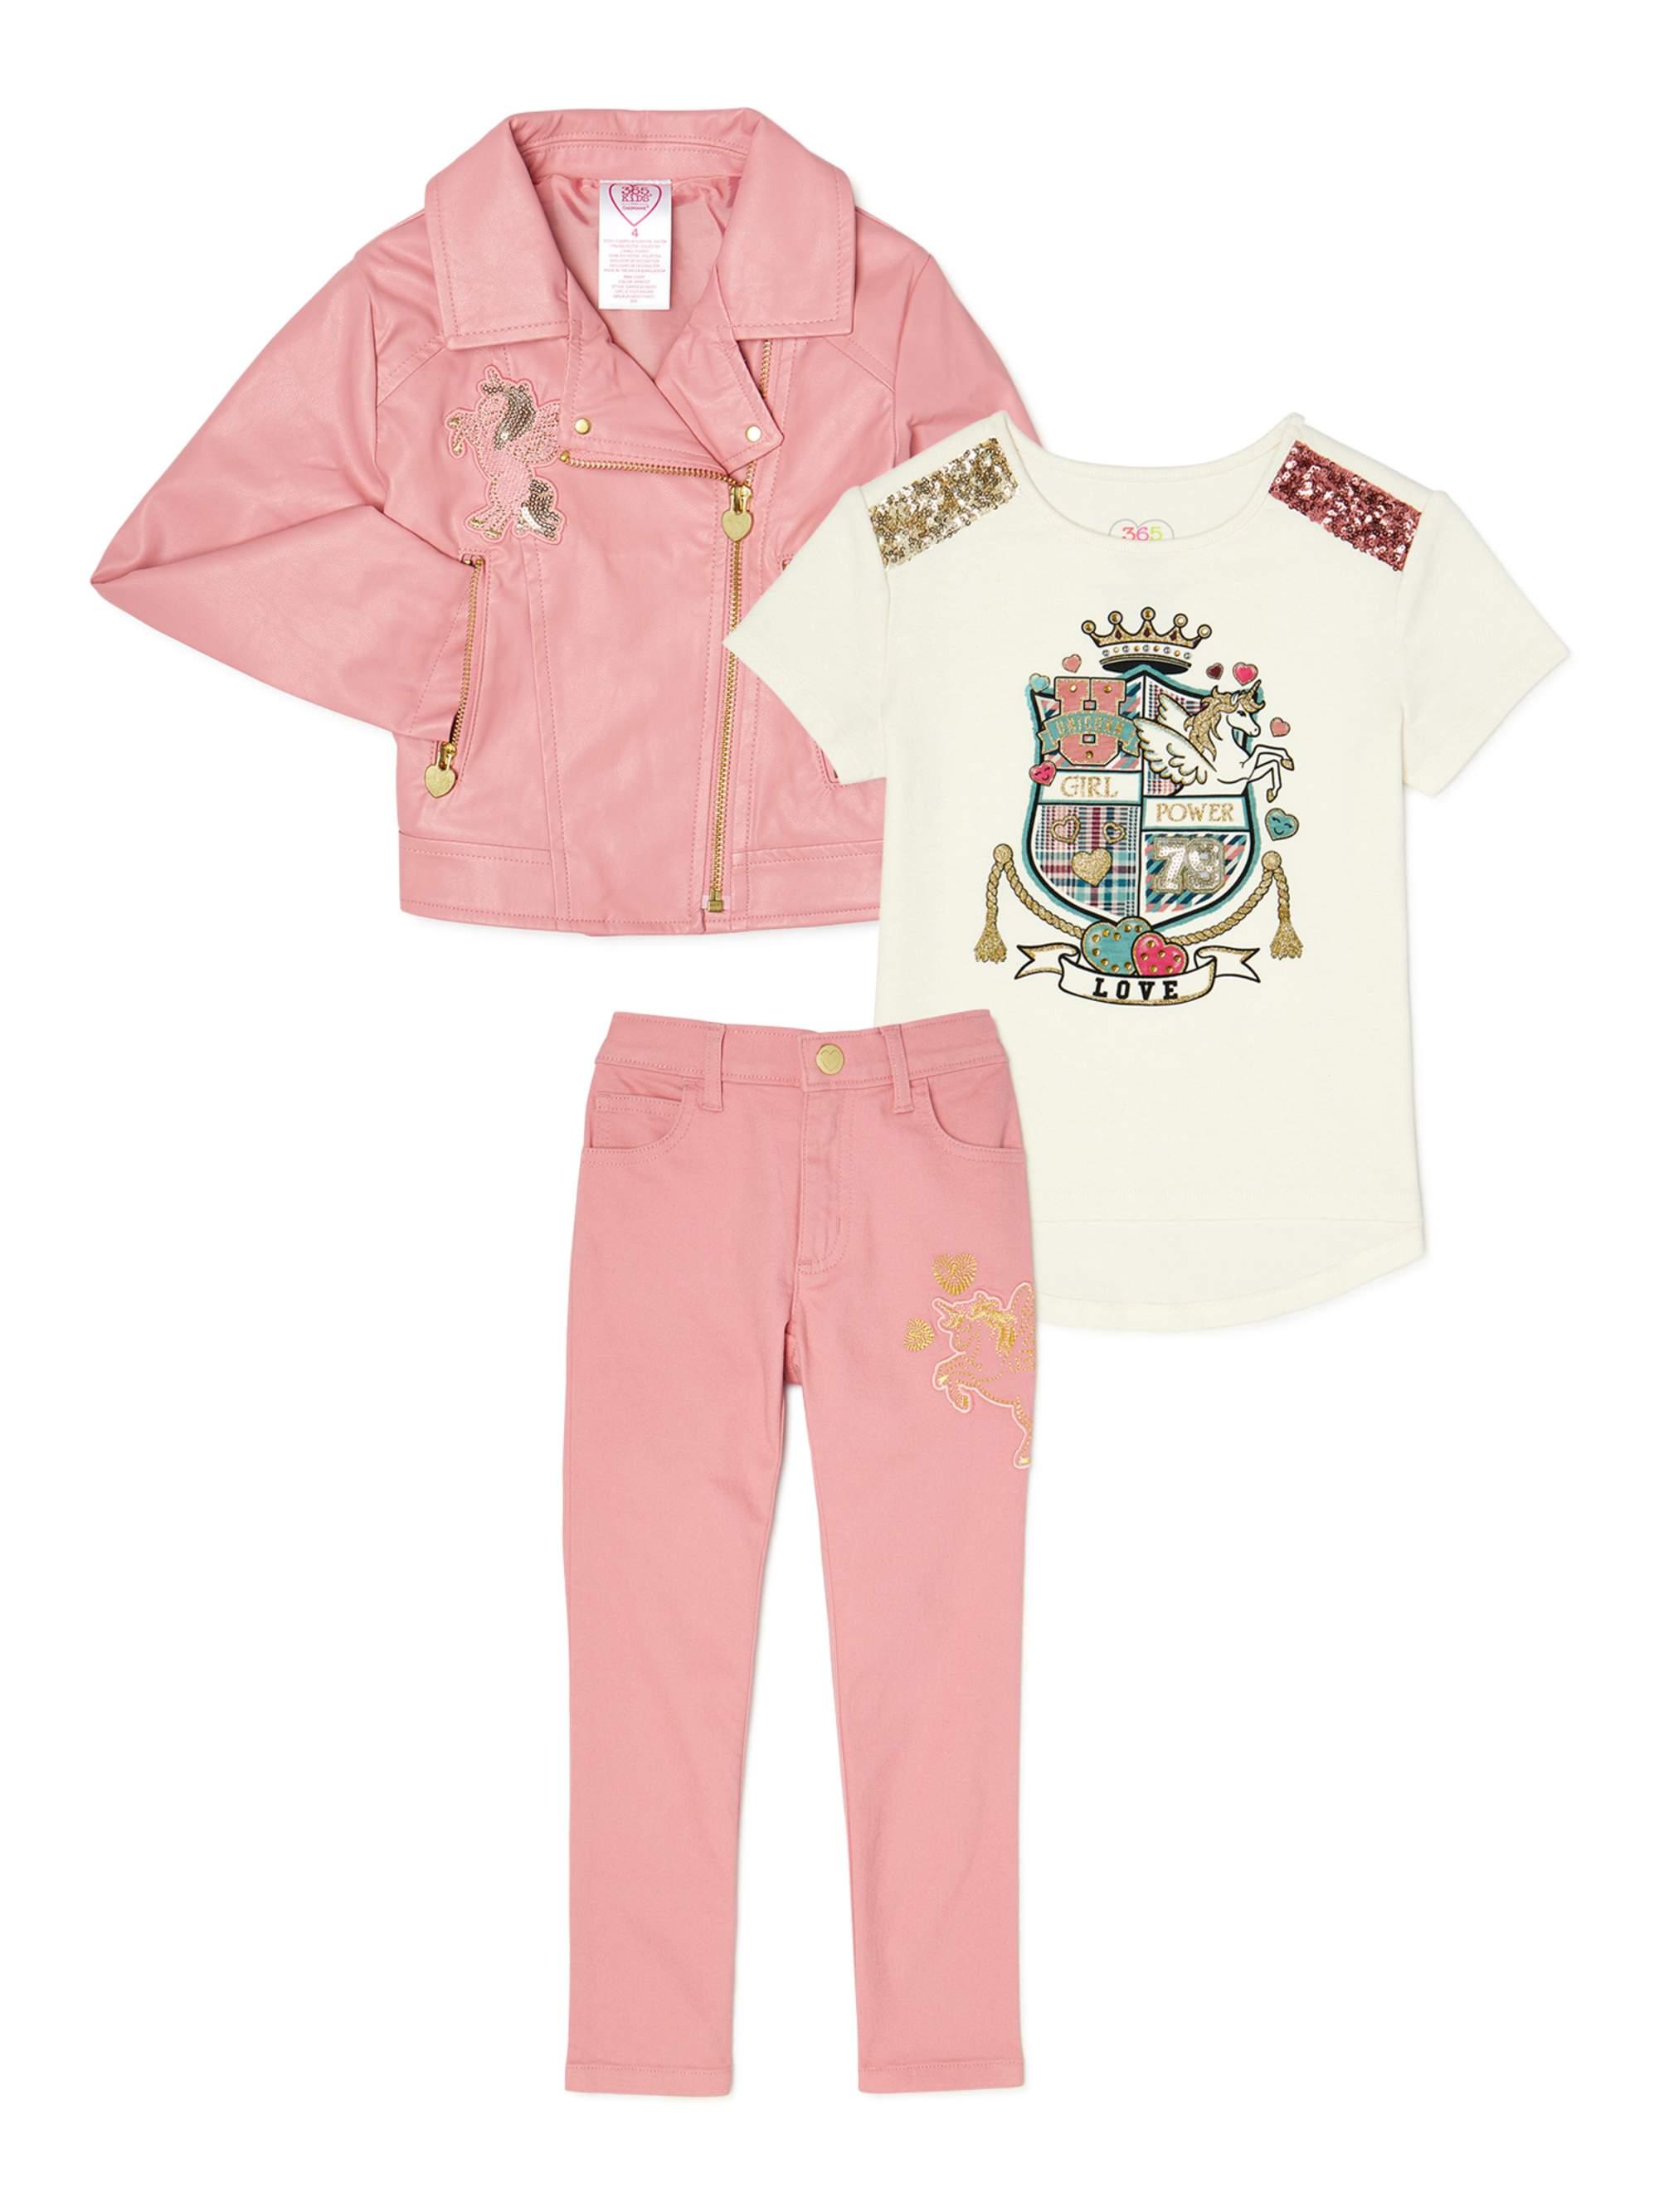 New Garanimals Girls long sleeve T-shirt tee cute graphic cat dog bear butterfly